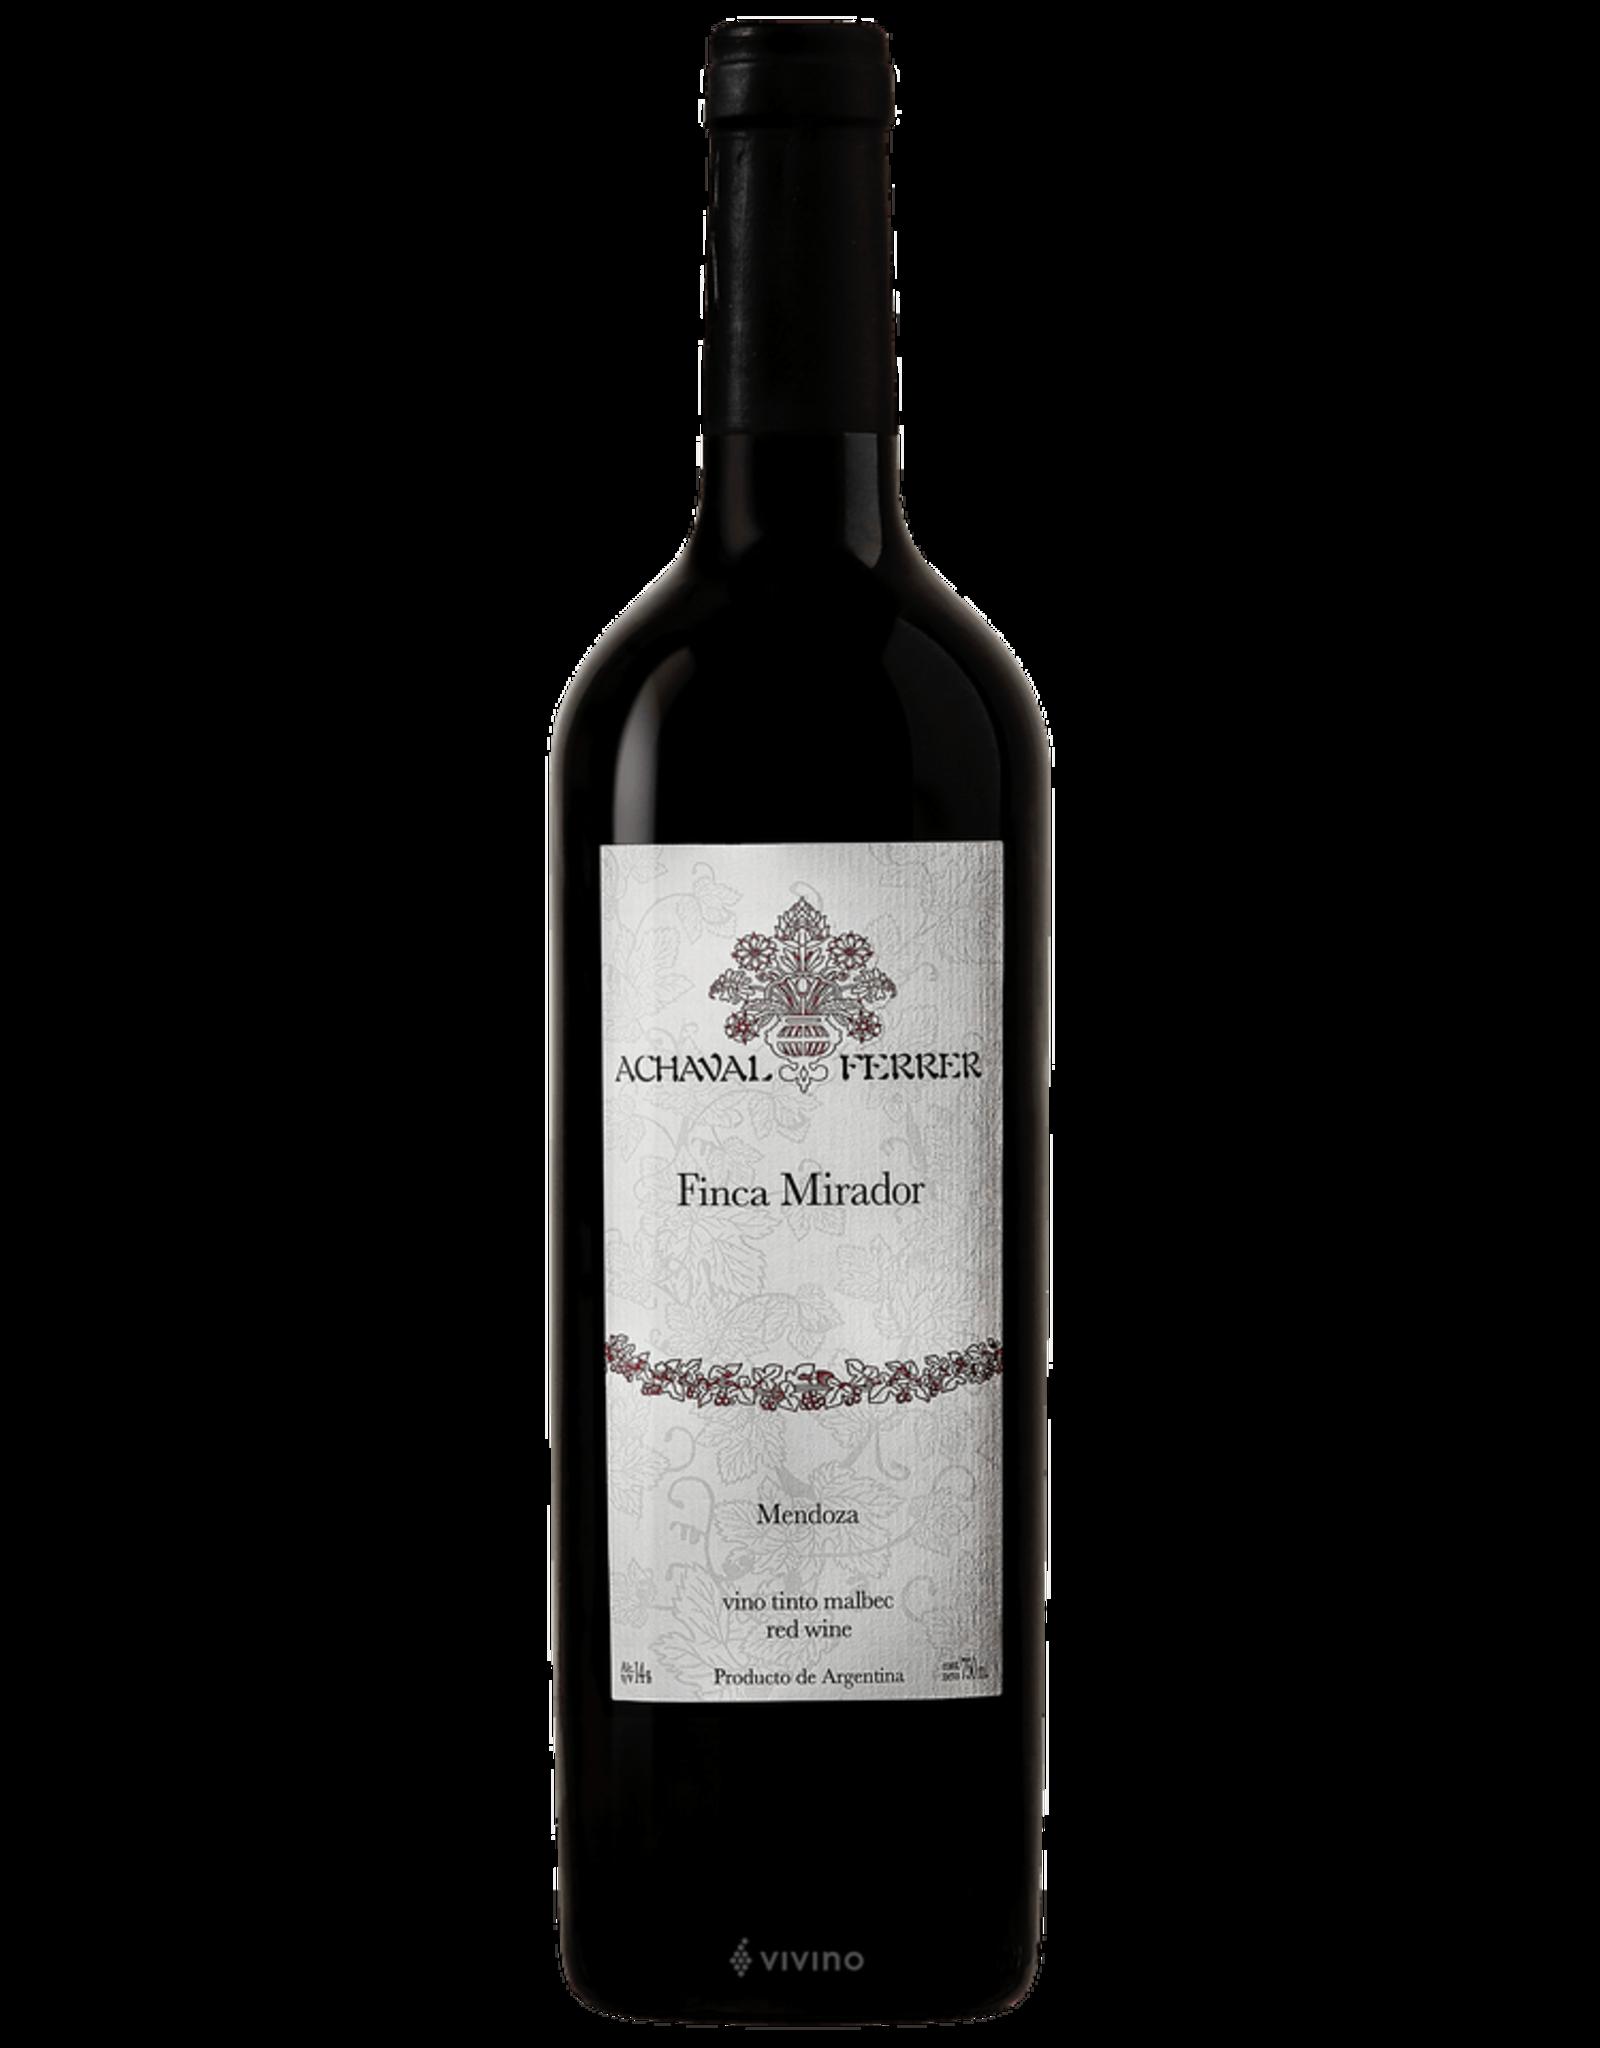 Achaval Ferrer Finca Mirador Vino Tinto Malbec 2011